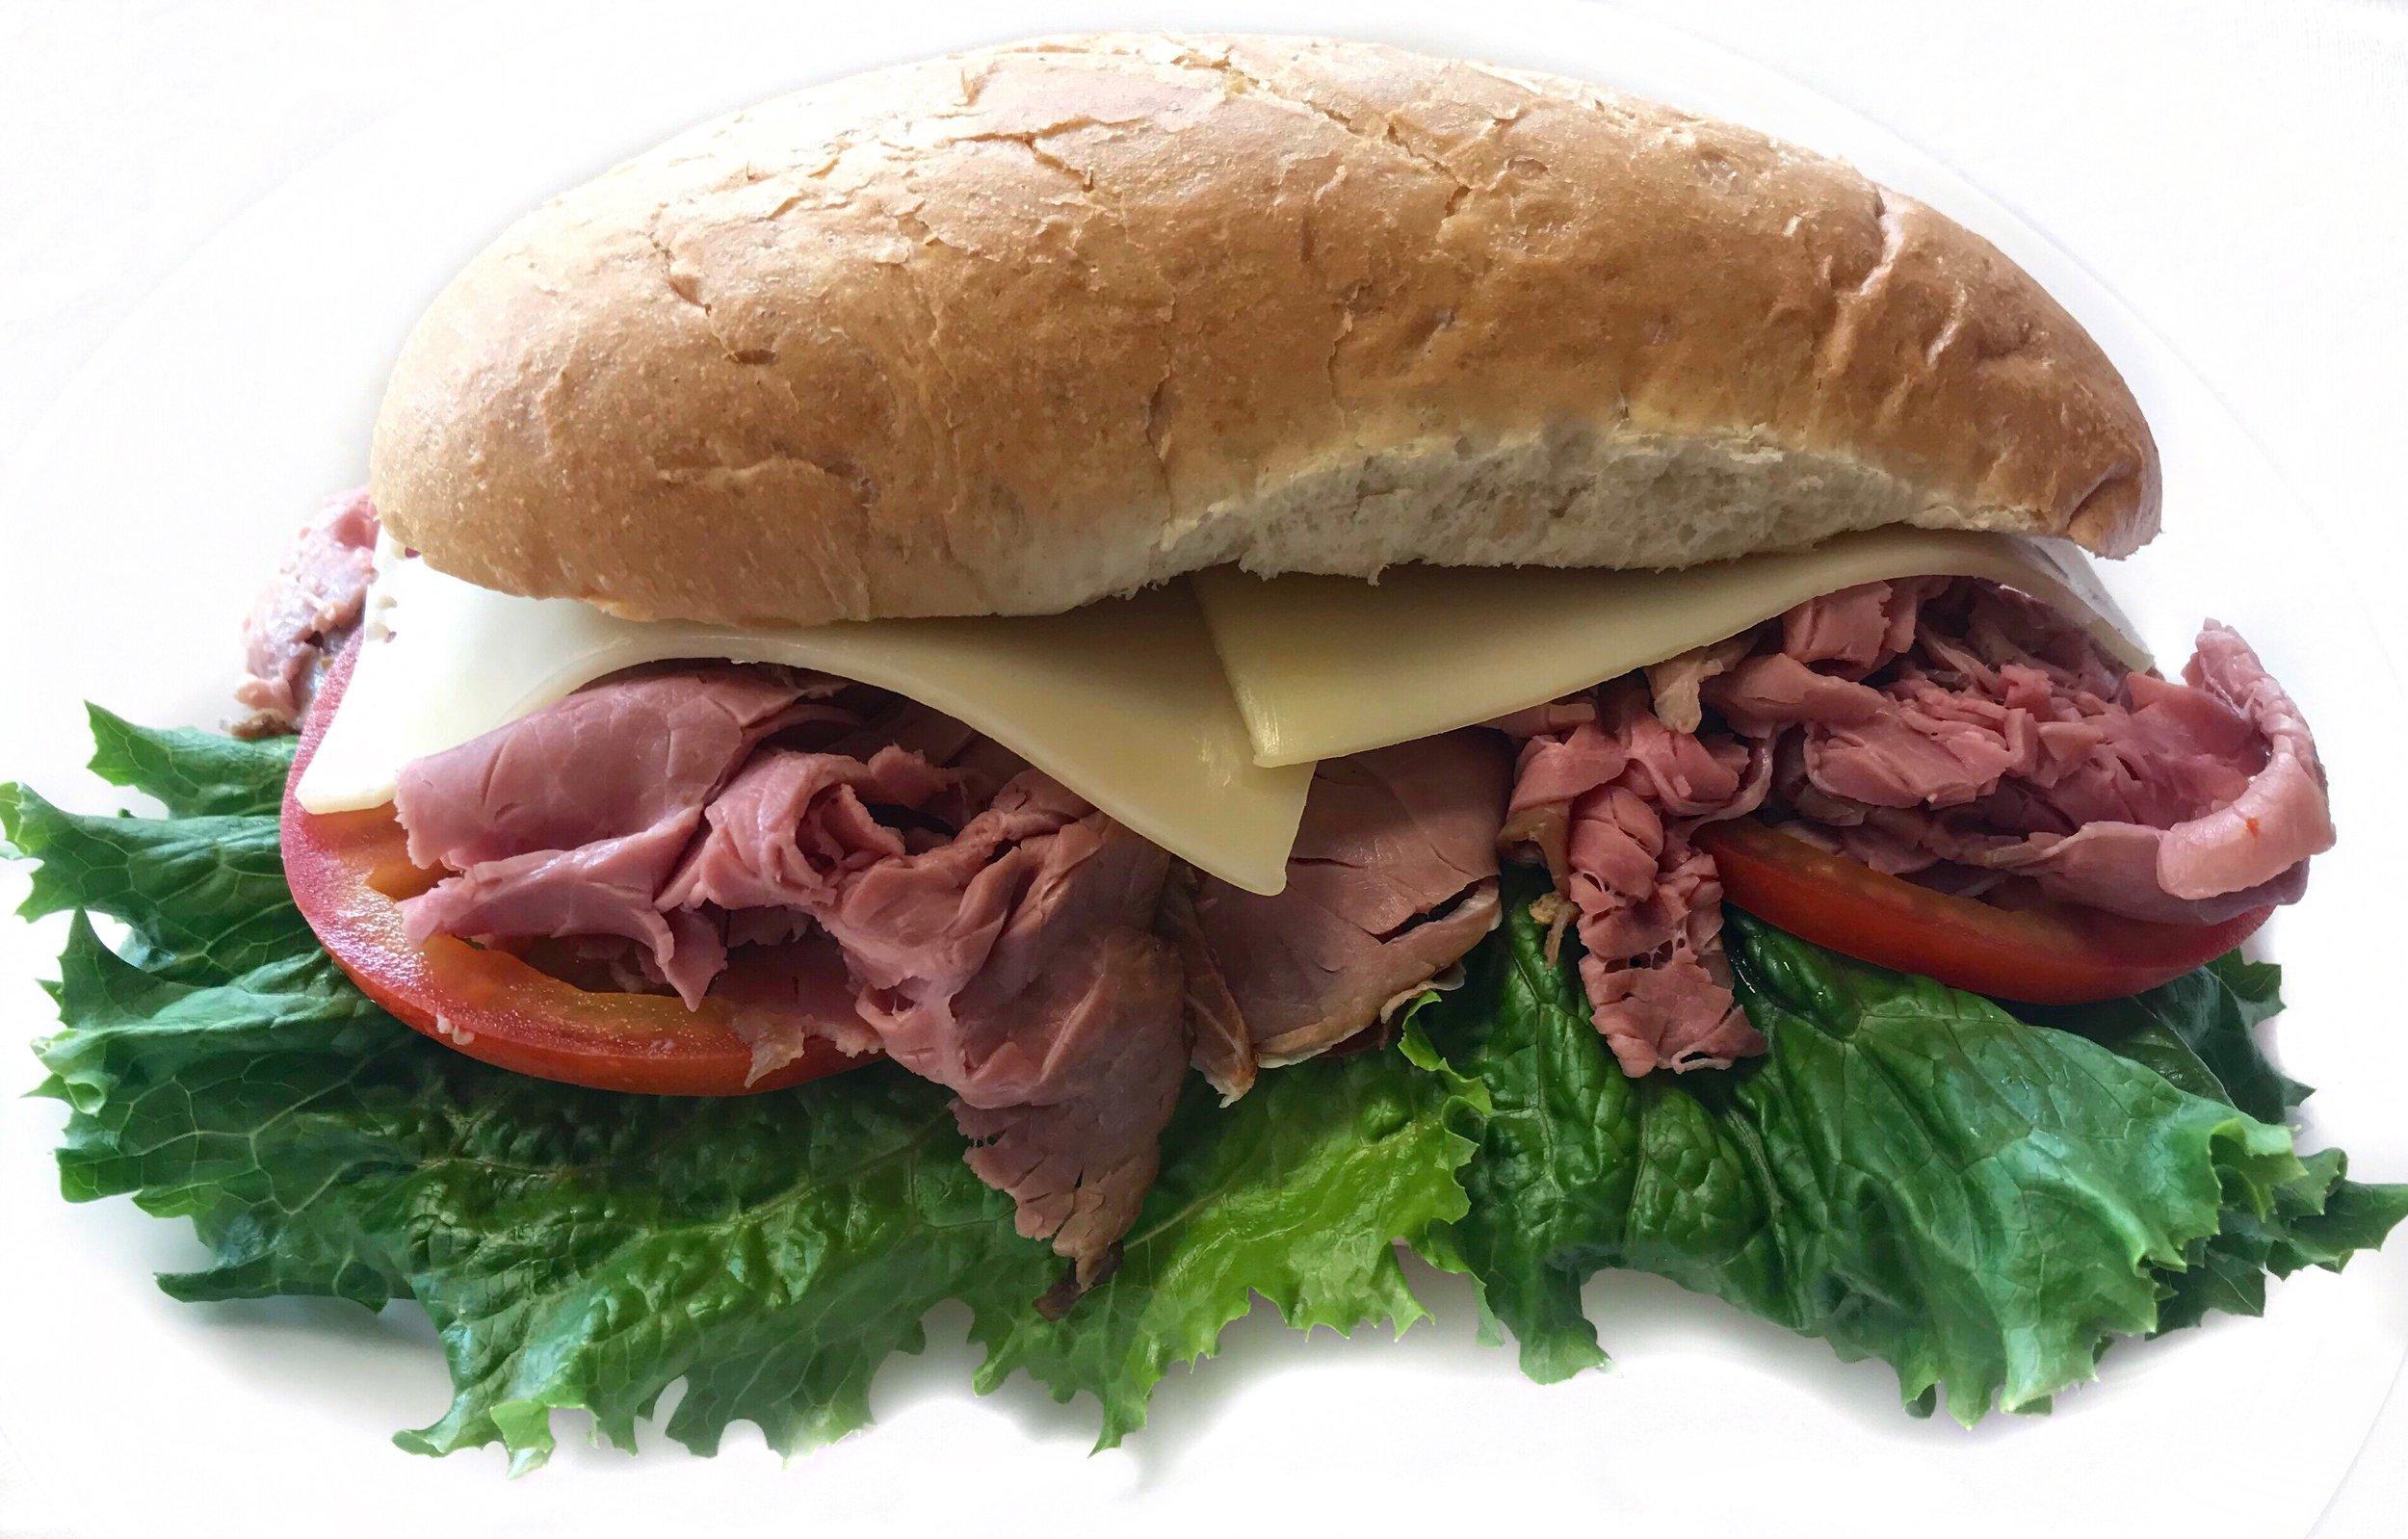 Roast Beef Sandwich    Roast Beef, Swiss Cheese, Lettuce, Tomato on Hoagie Roll